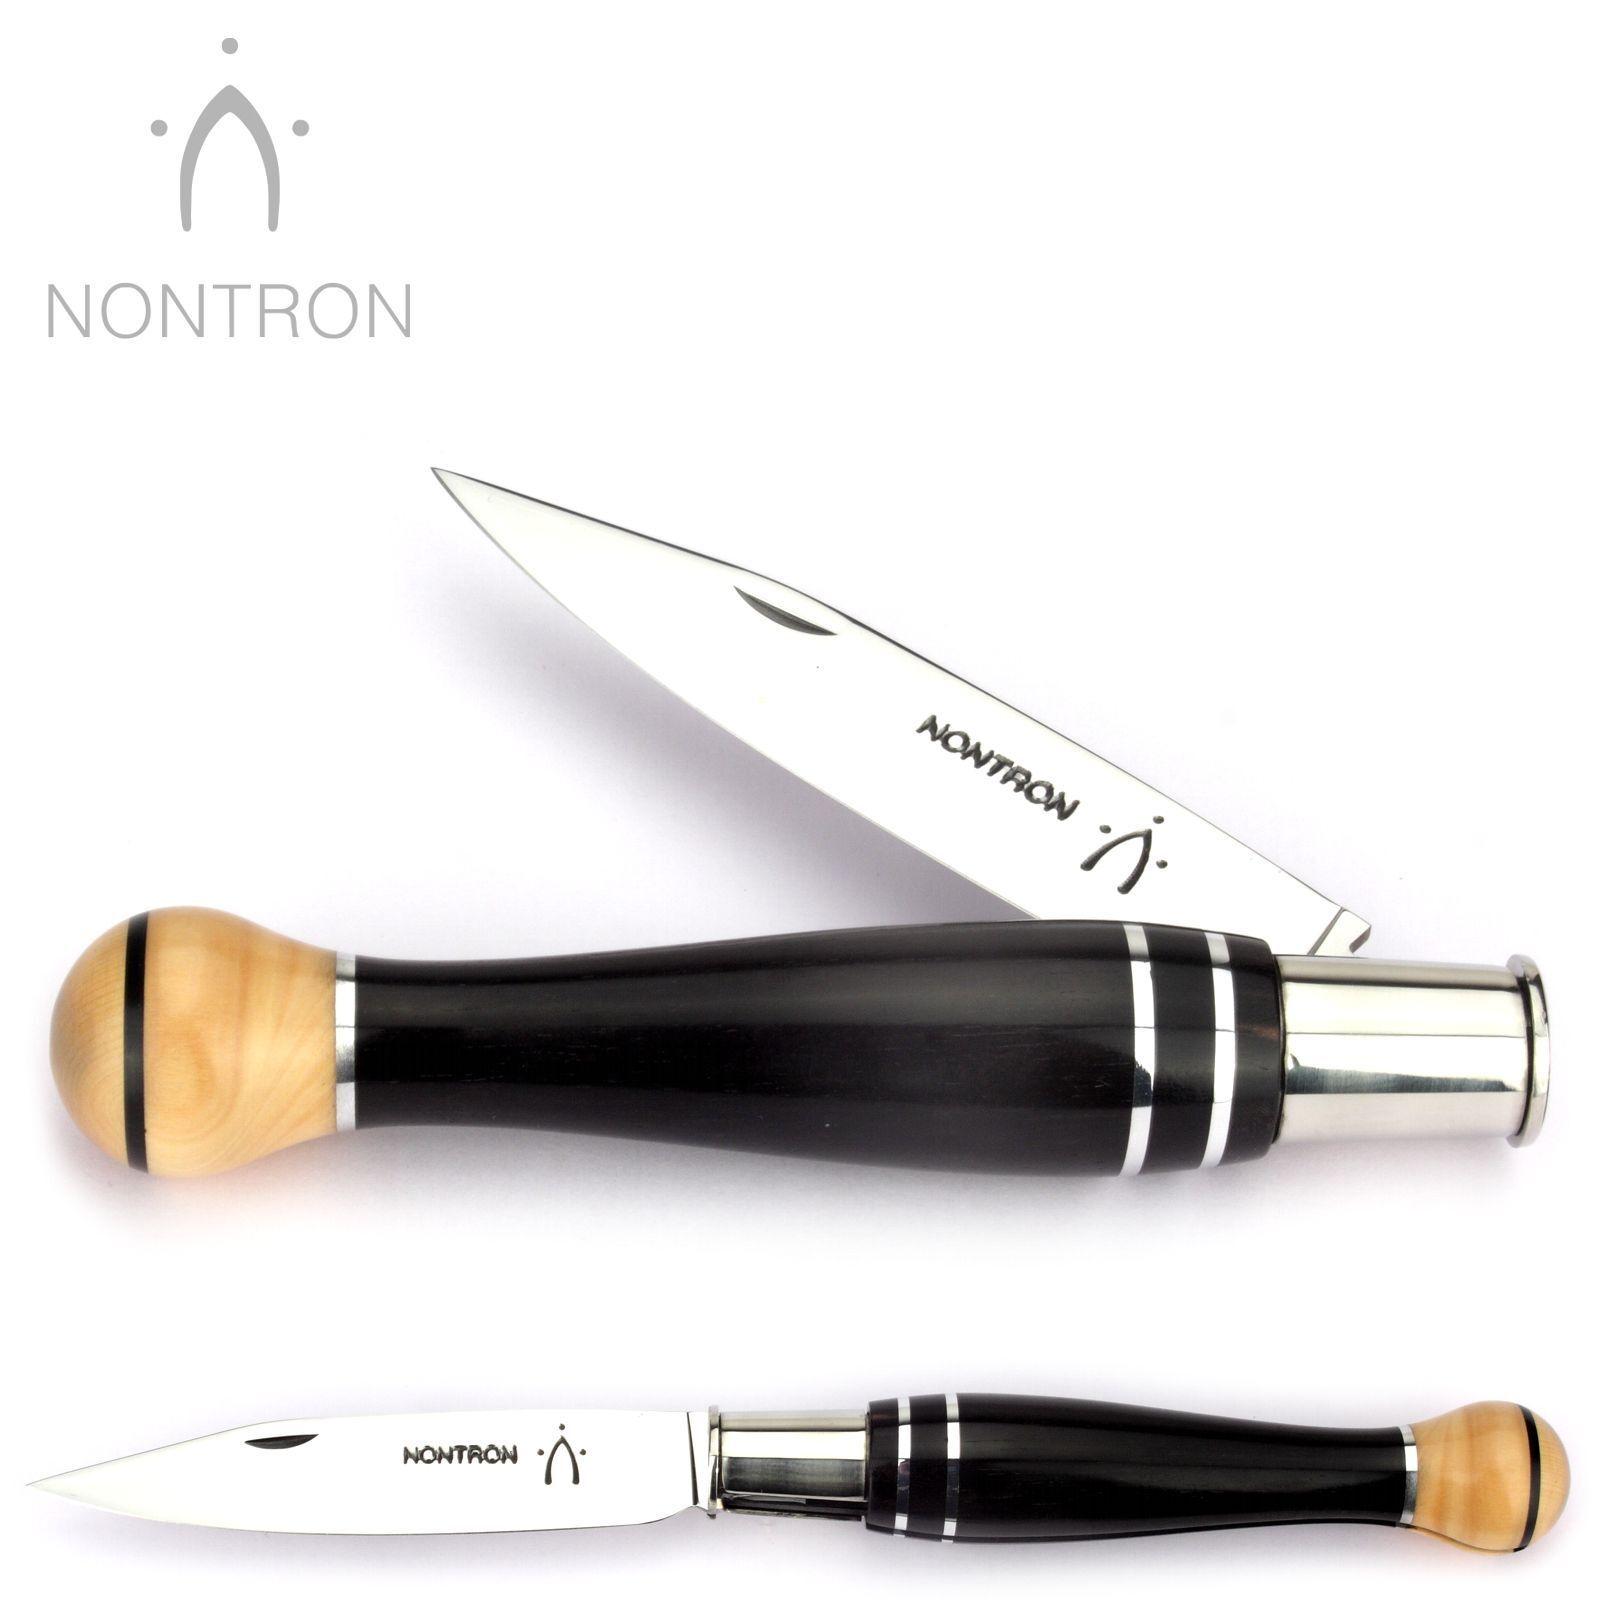 Nontron Taschenmesser - Ebenholz Buchsbaum - 12 cm - XC75 Carbonstahl Messer